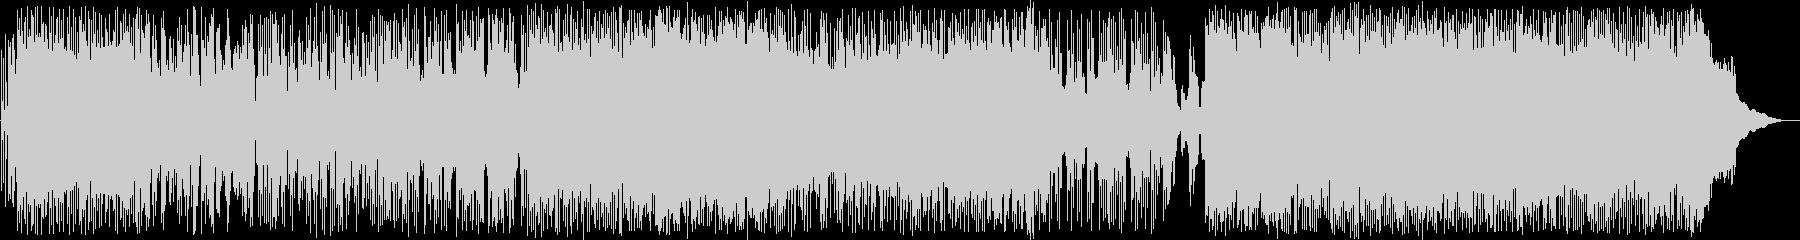 スピード感溢れるドラムが印象的なポップスの未再生の波形